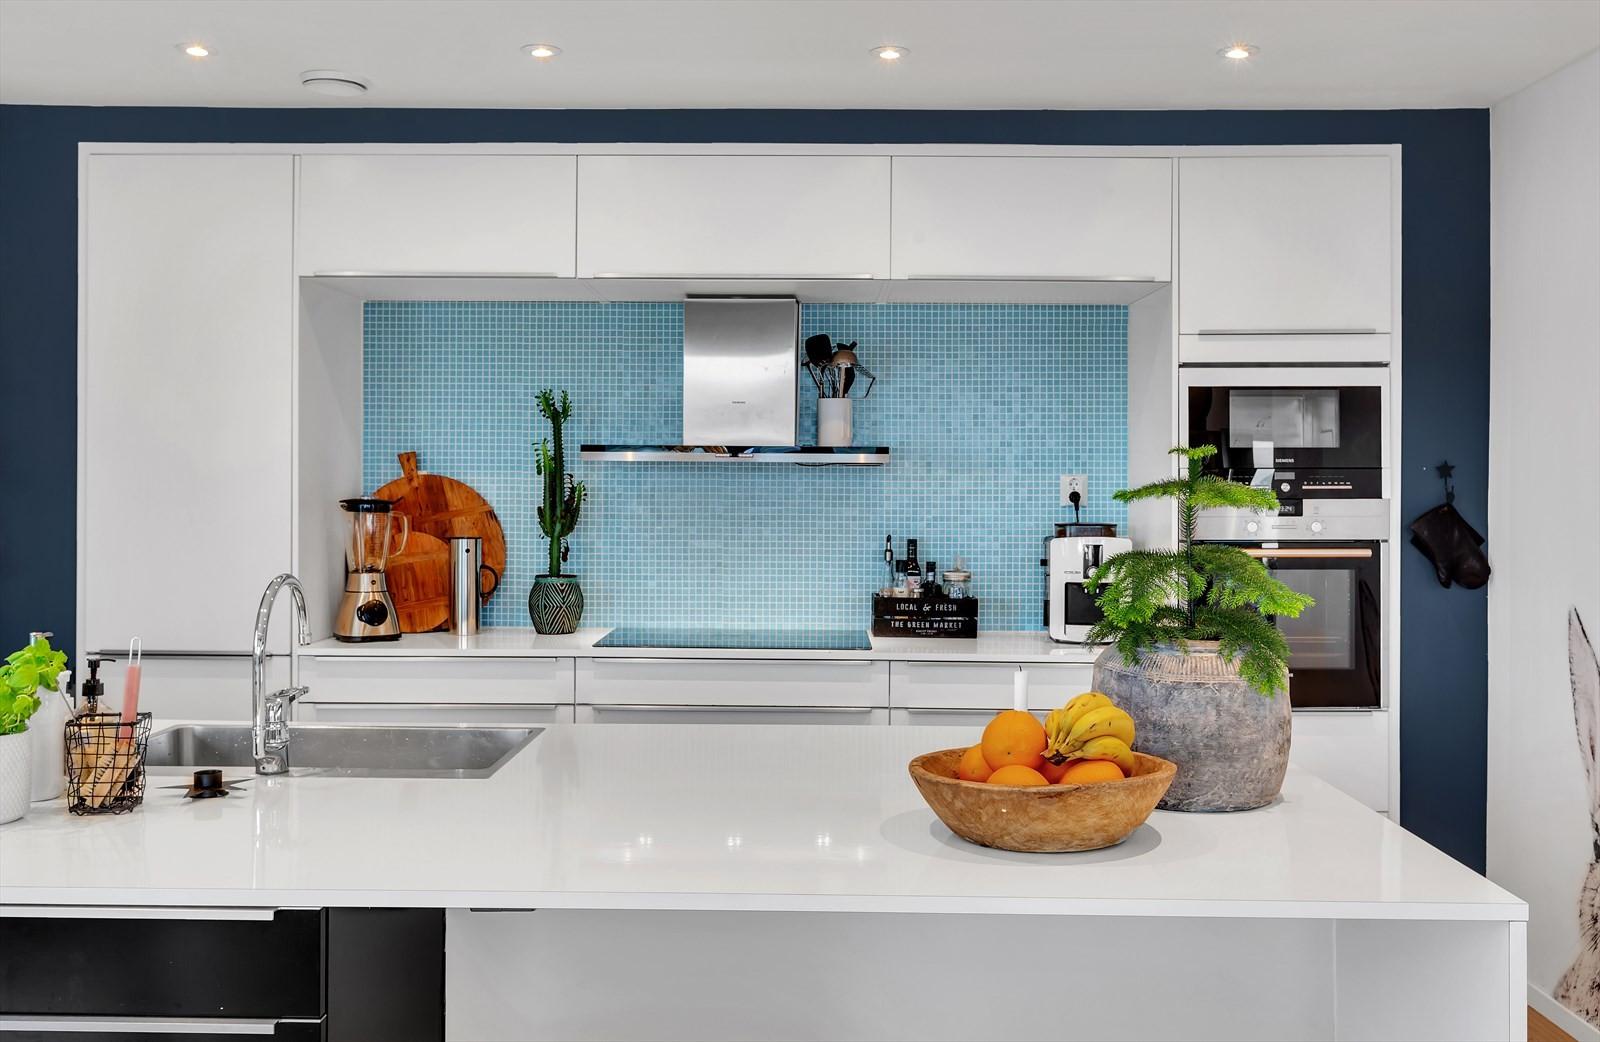 Nydelig kjøkkeninnredning og detaljer